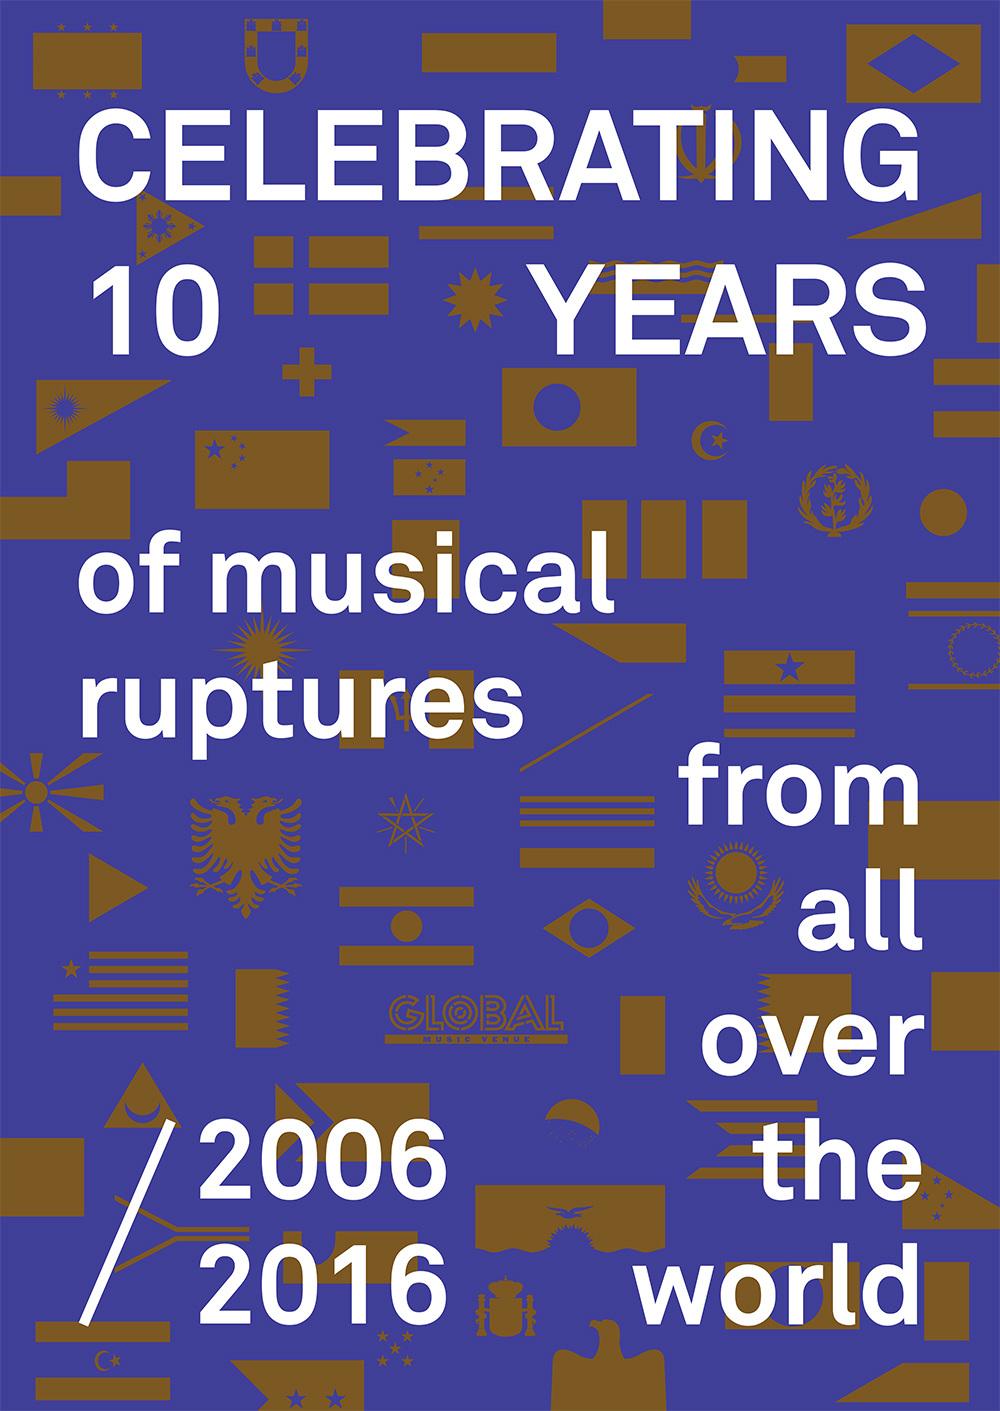 global---plakat-2--uden-skre-lille_1000.jpg